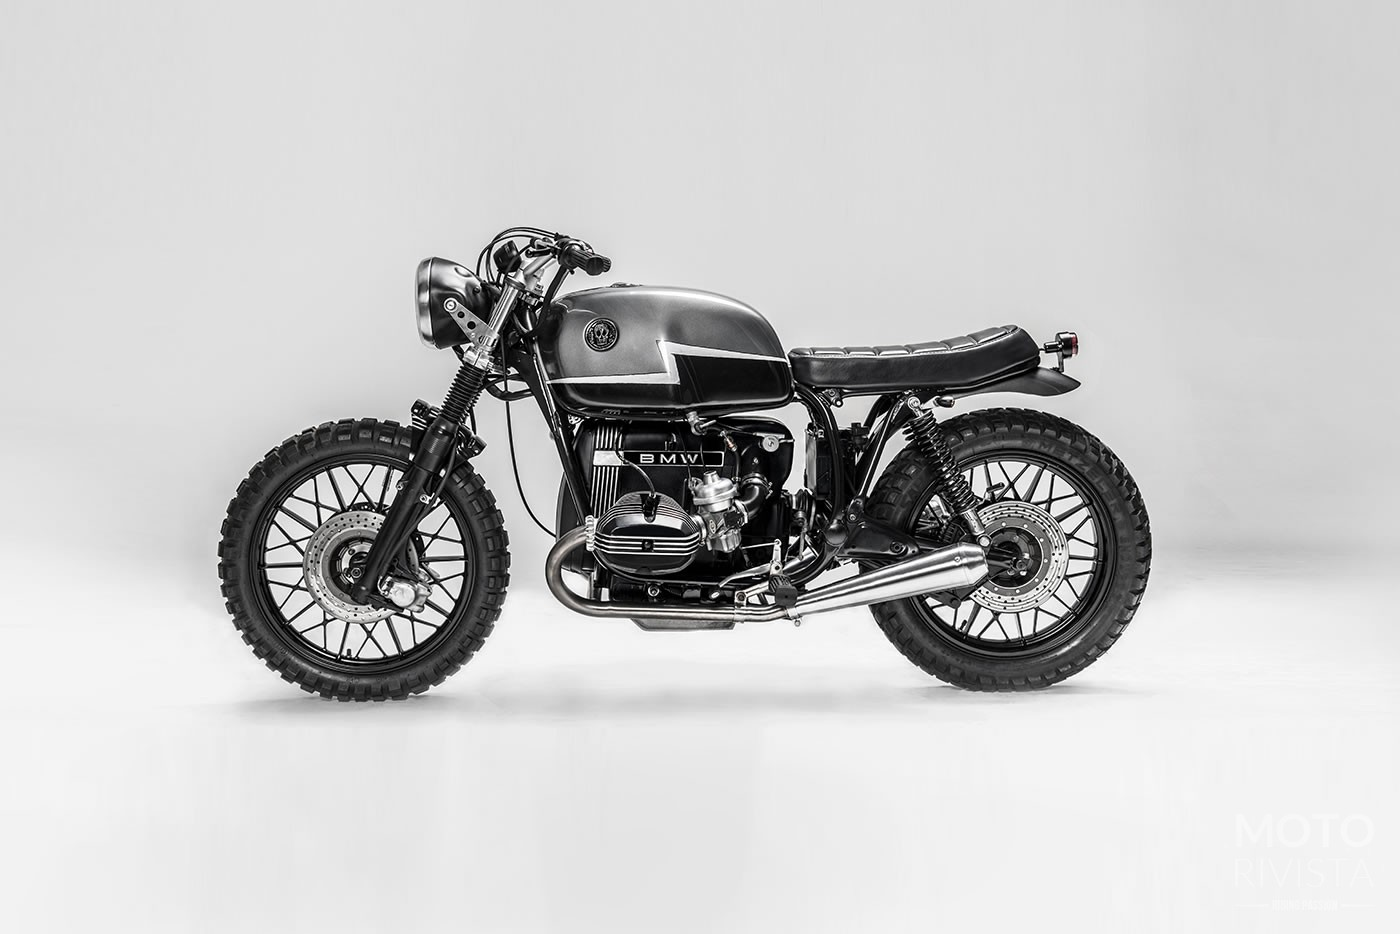 BMW-R100RT-Scrambler-by-Los-Muertos-Motorcycles-1